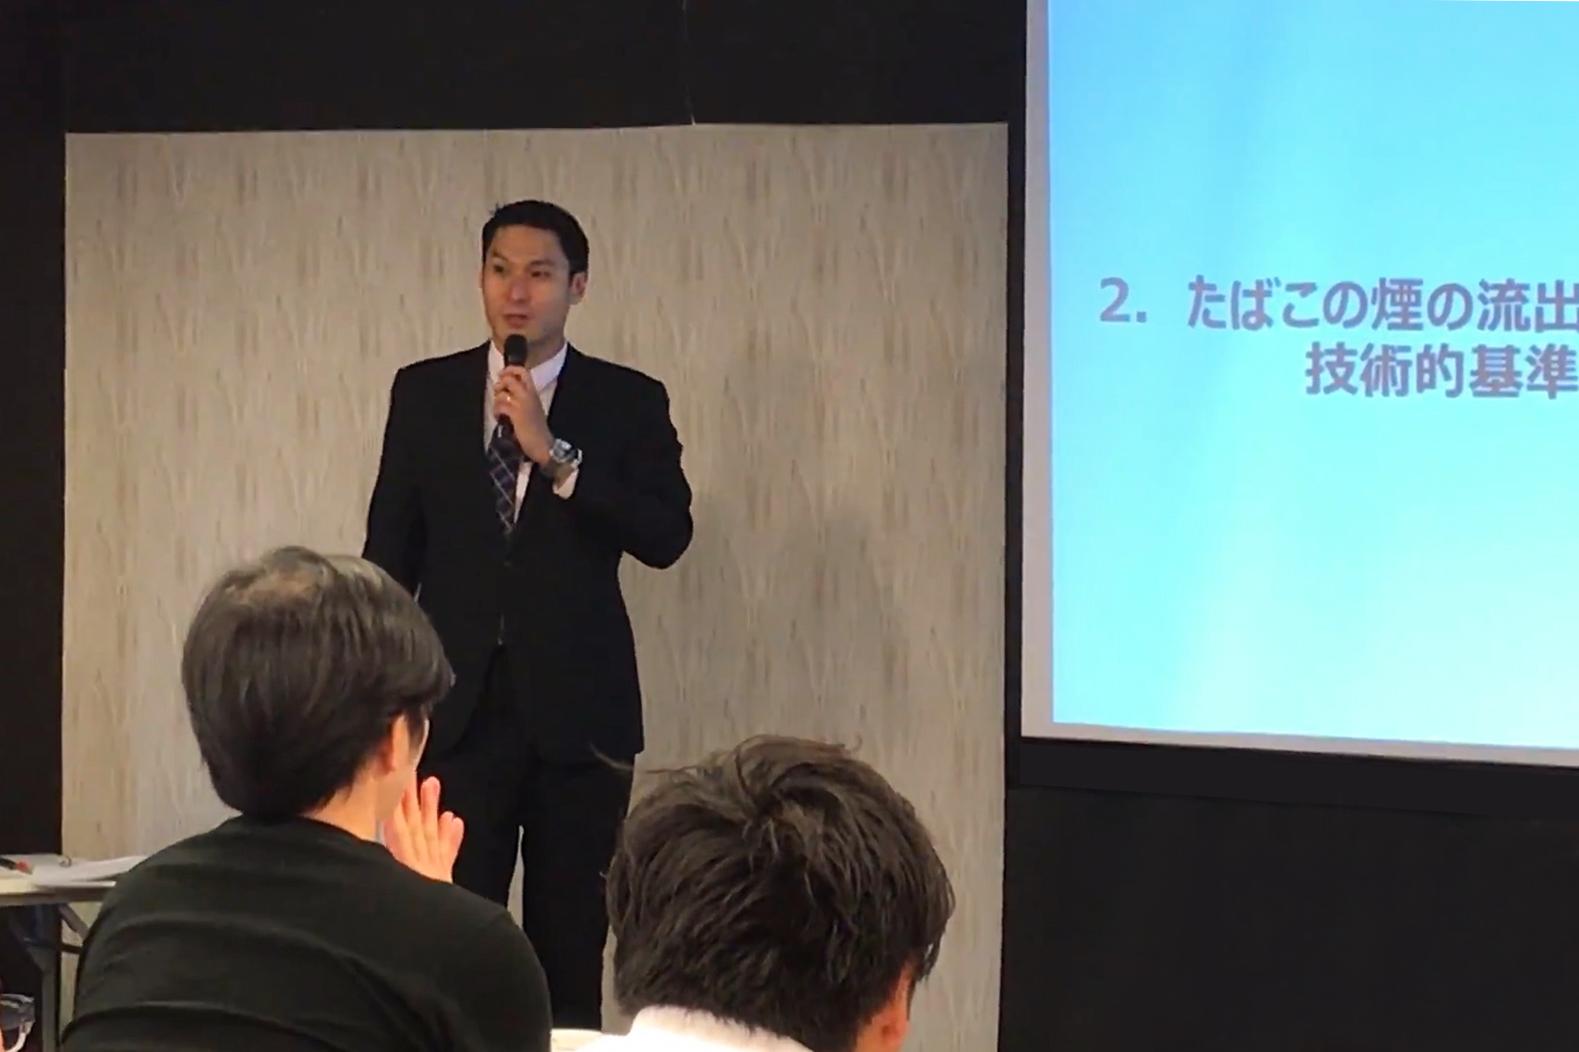 健康増進法改正にホテル様が取り組むべきことについて説明する神田聖馬様